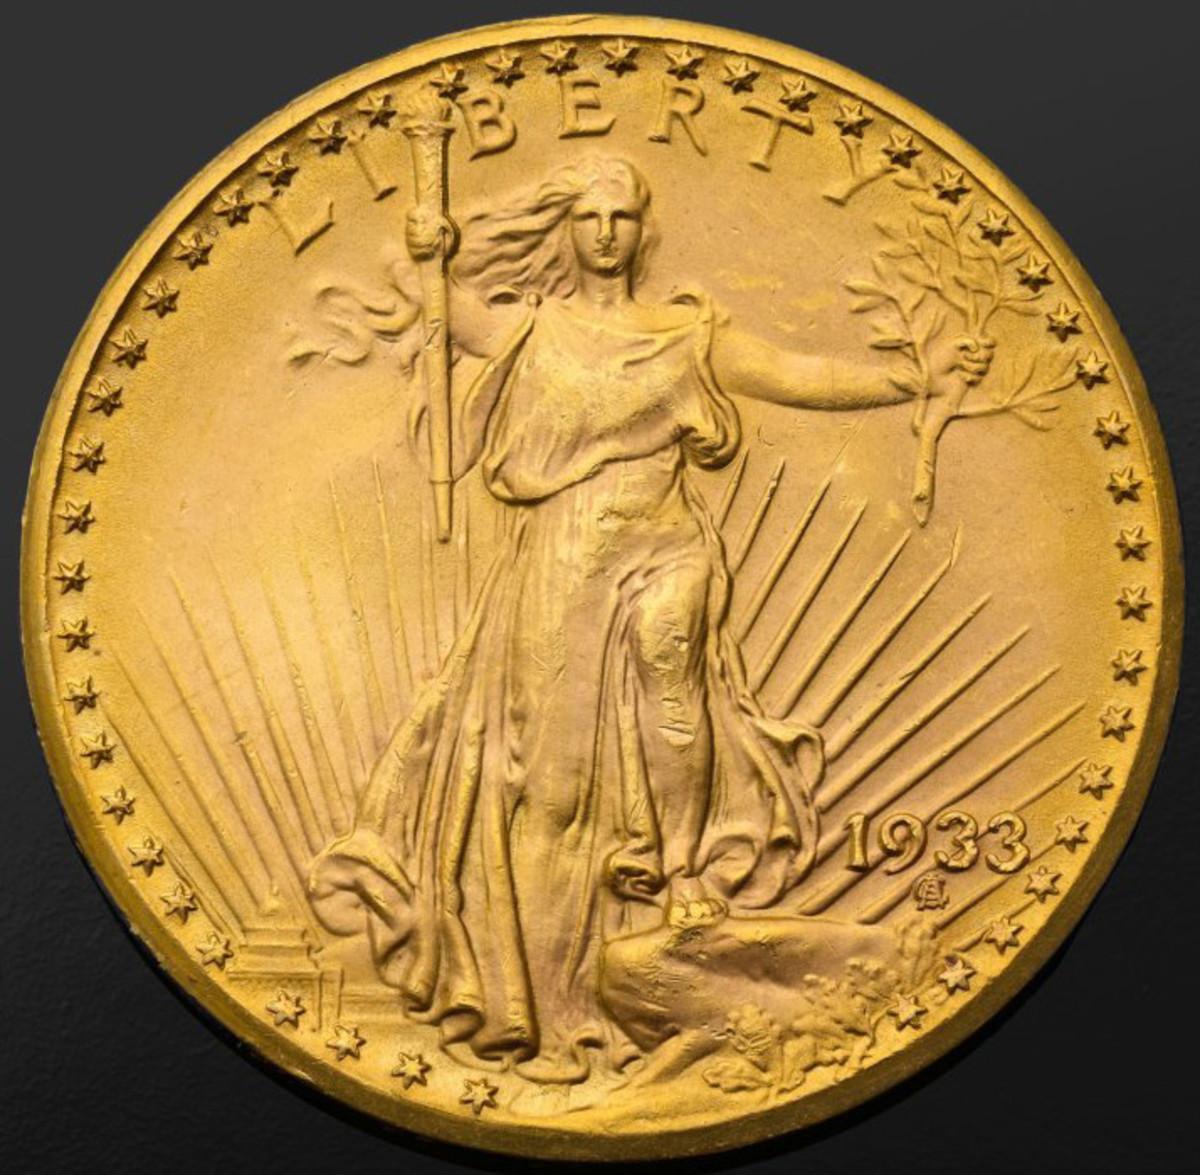 Farouk specimen 1933 $20 double eagle. (Image courtesy Sotheby's.)